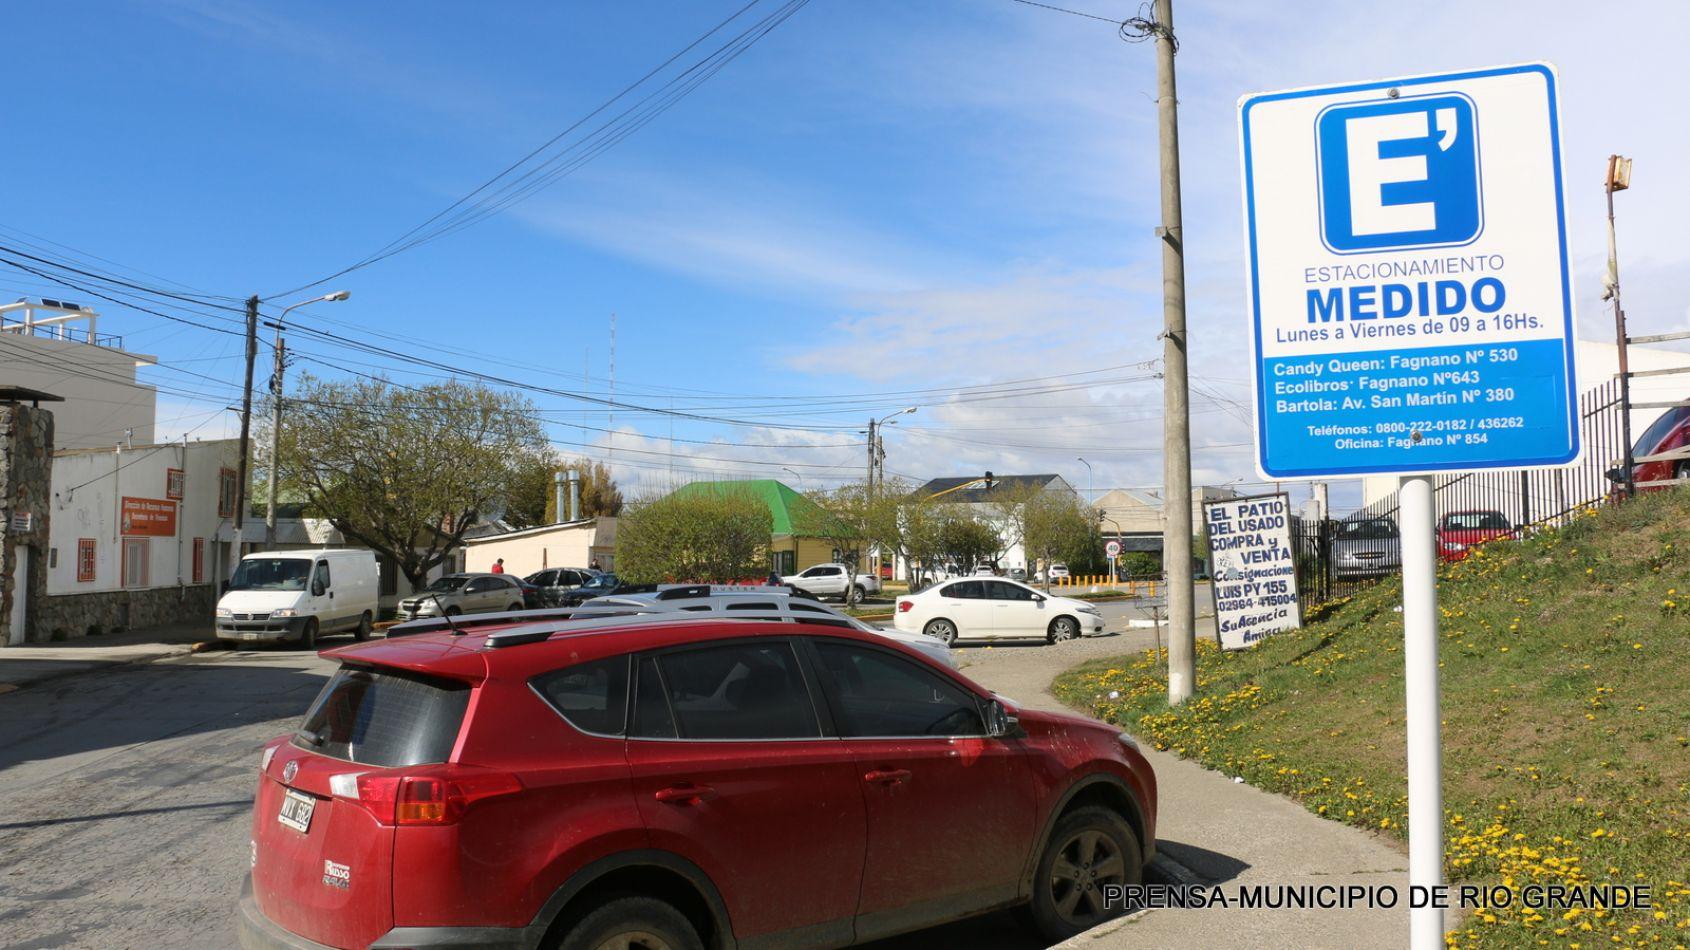 El municipio implementa el abono mensual de la tarifa de estacionamiento medido